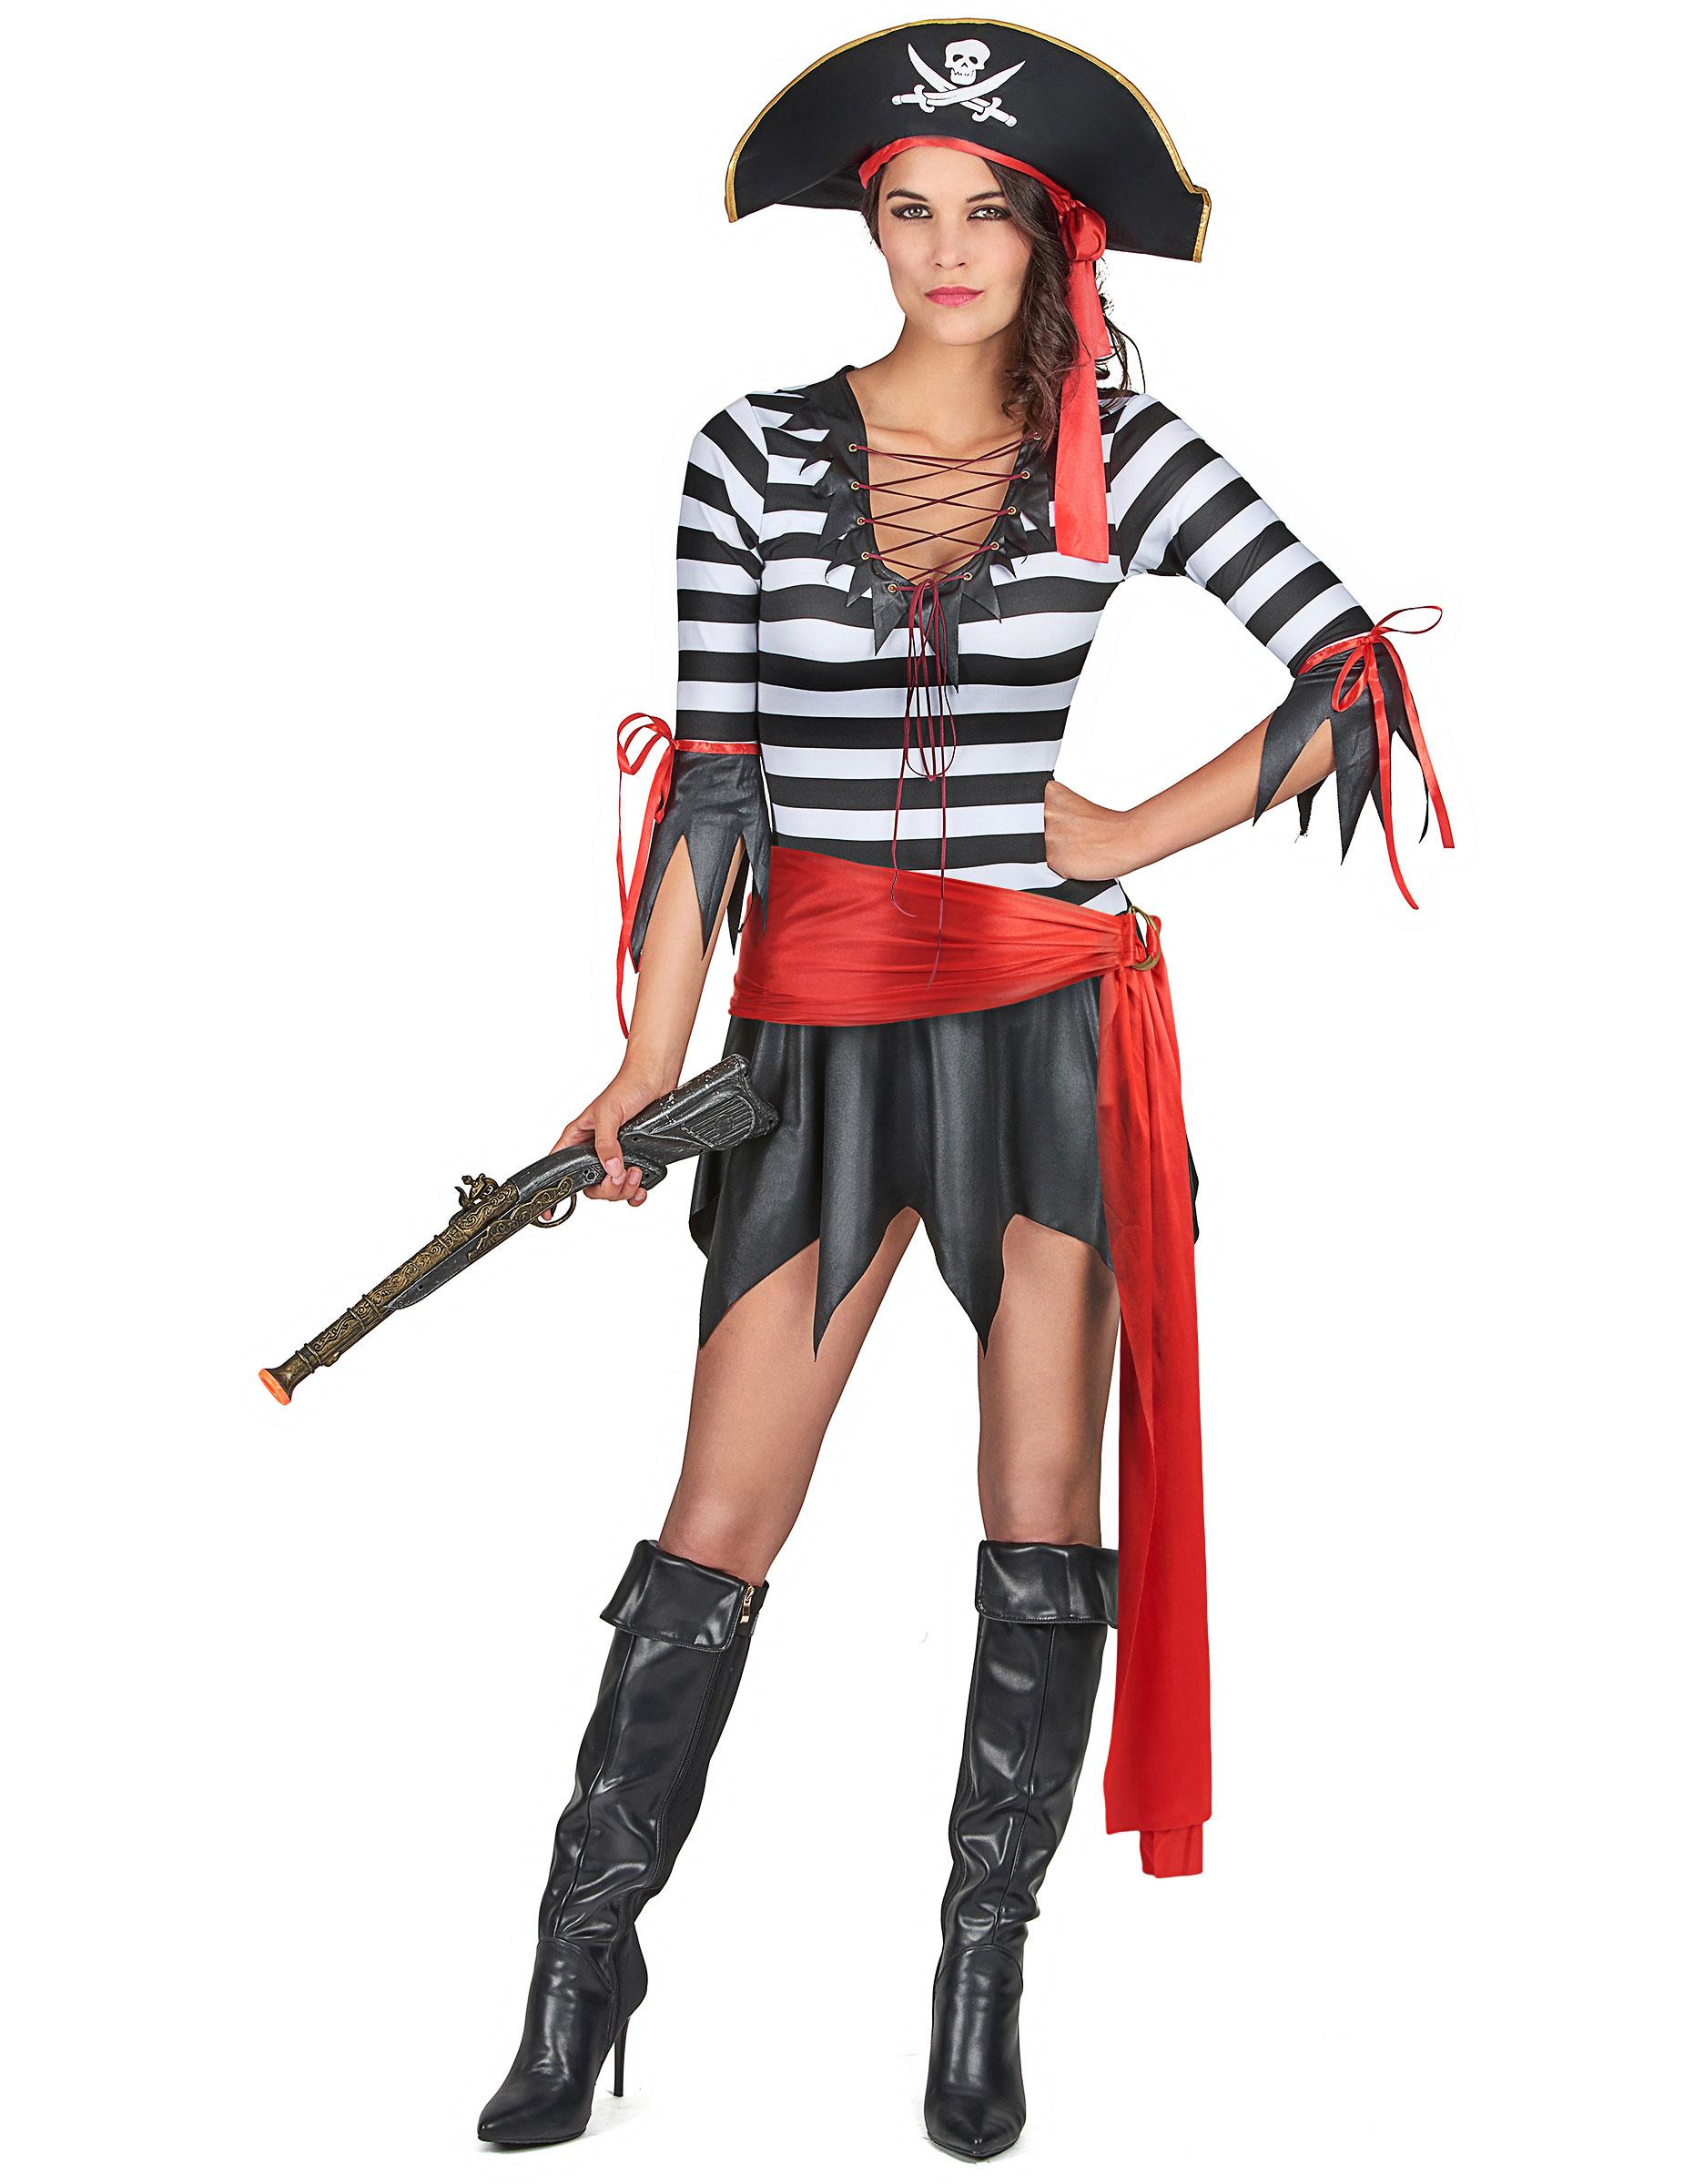 Костюм пирата для девочки из подручных материалов своими руками 16